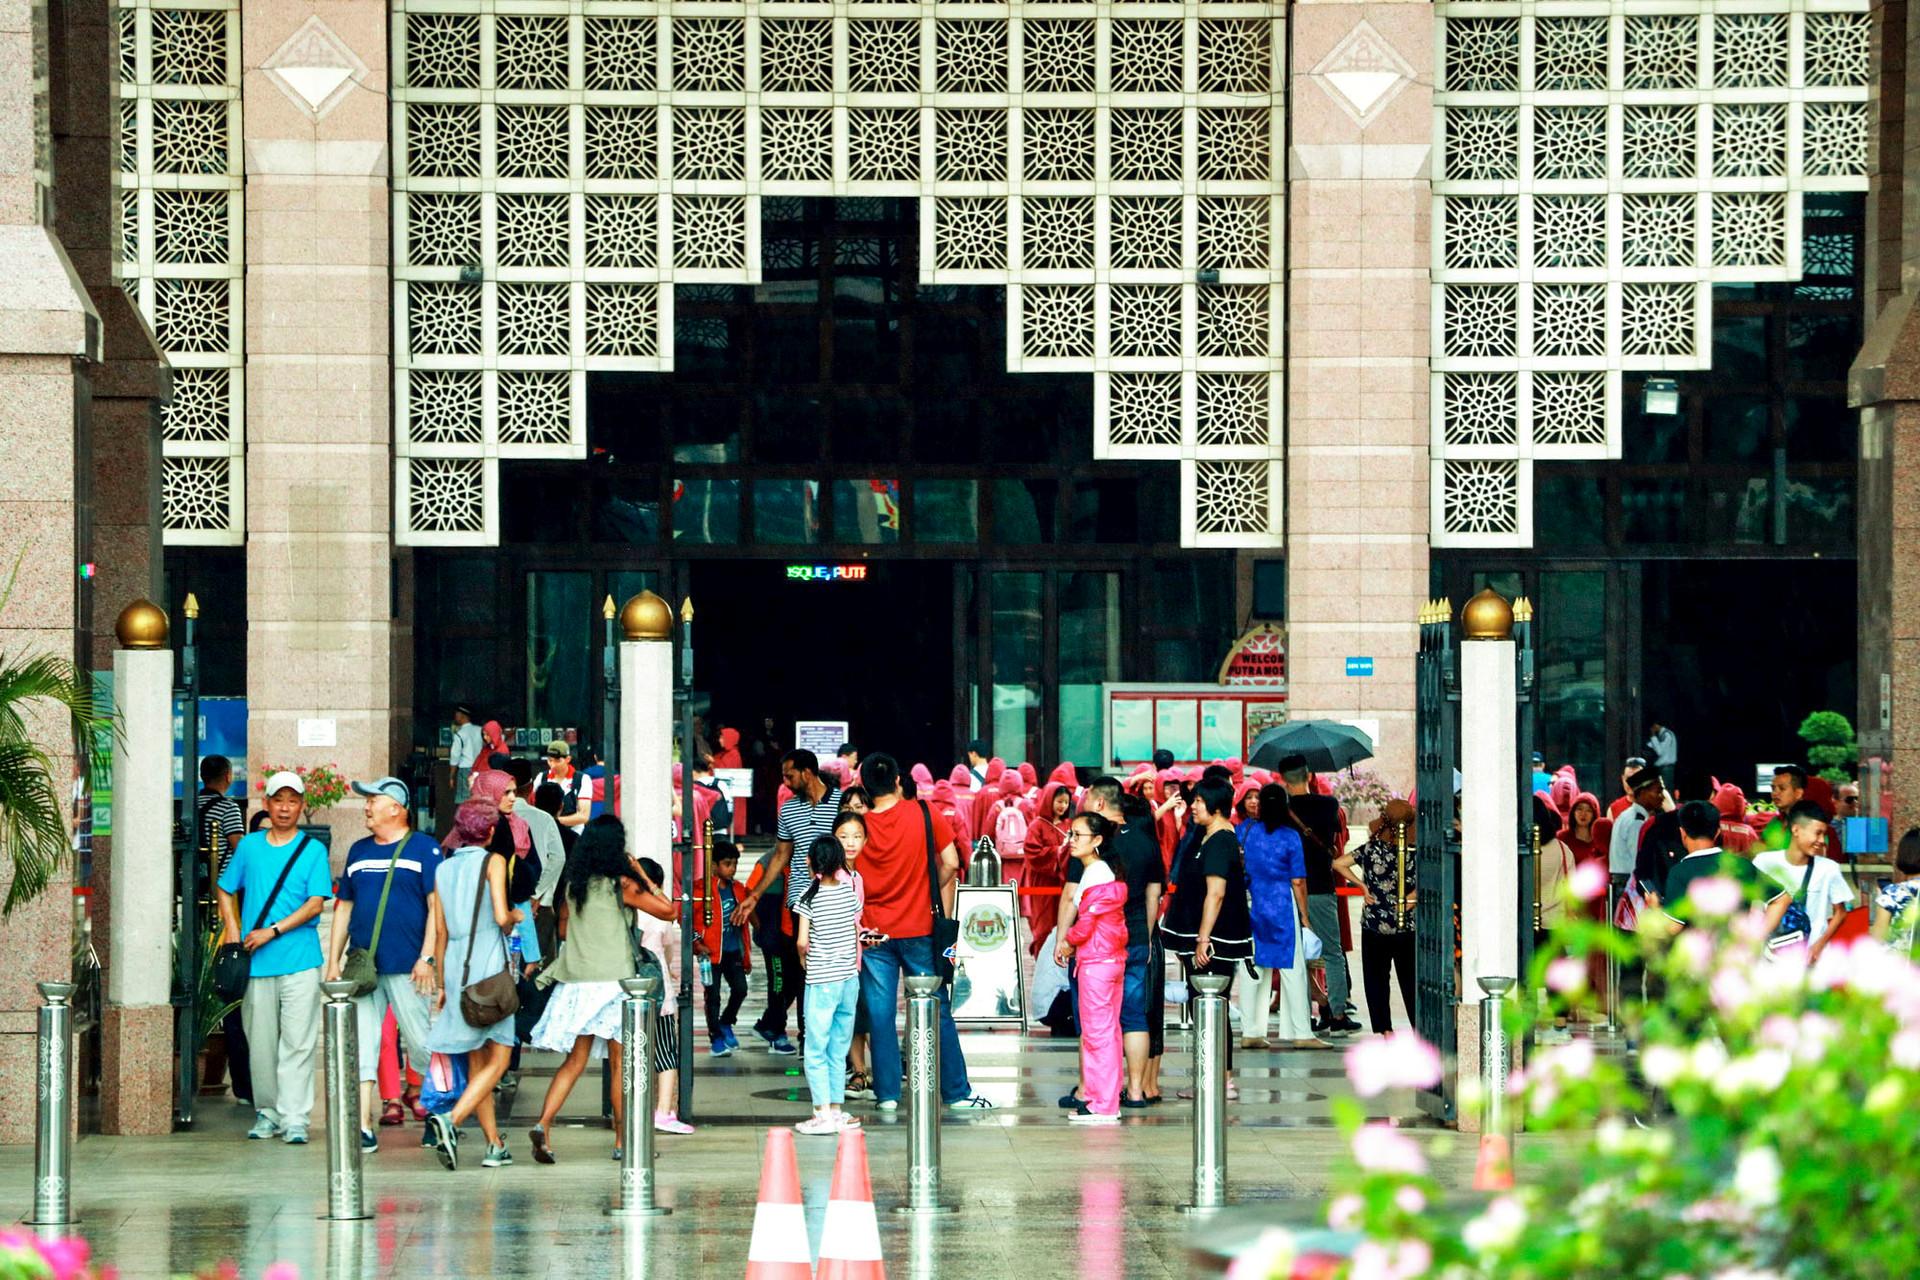 Ở nhà mùa dịch: Nhớ những ngày dạo quanh hè phố Kuala Lumpur - 1